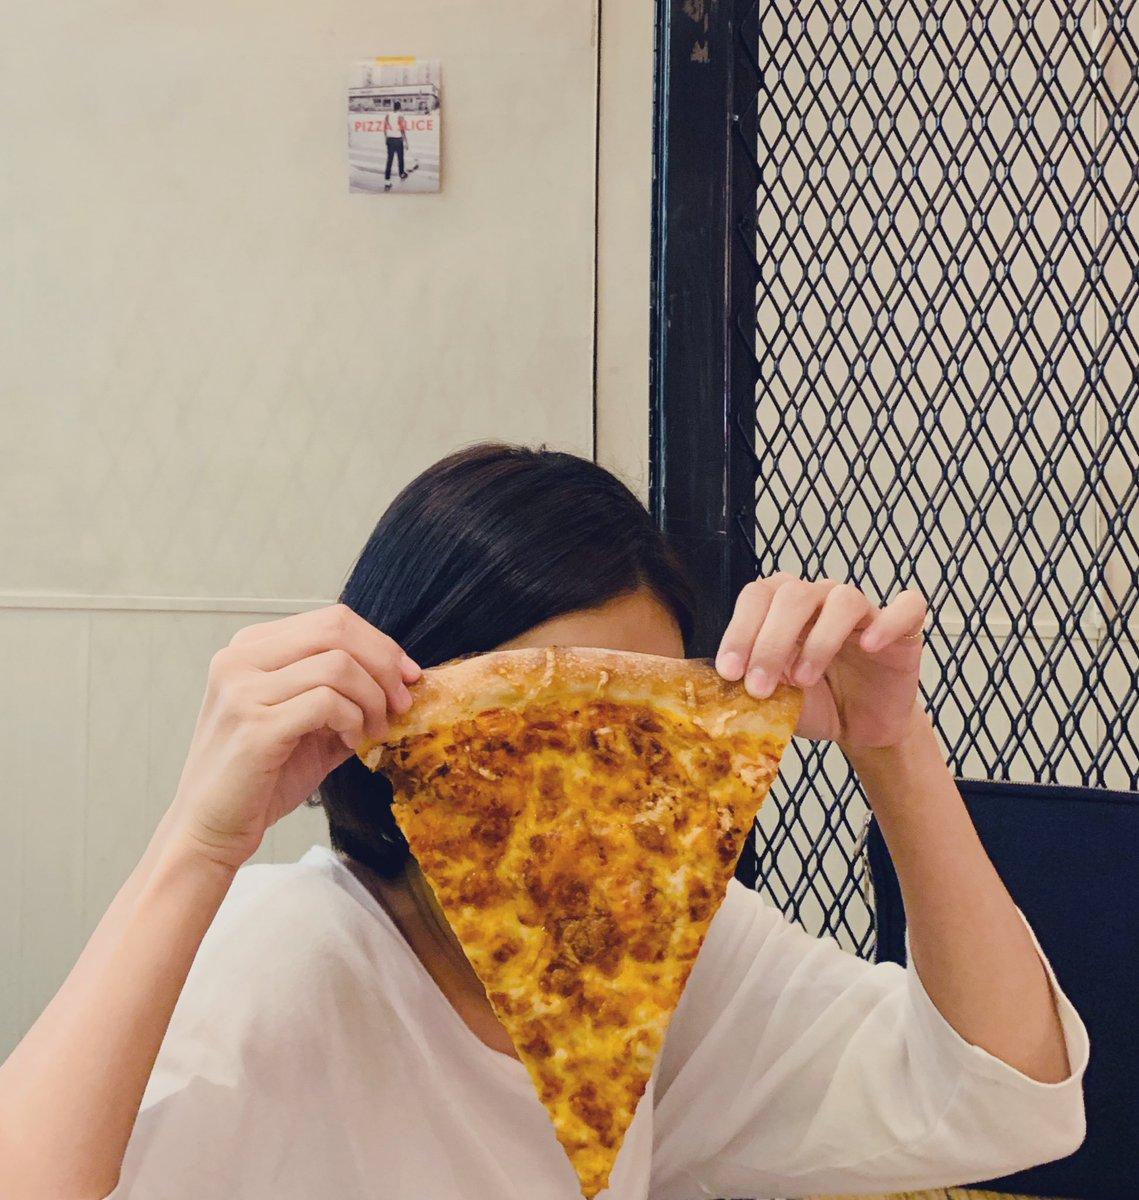 ついでにお洋服もみれるピザ屋さんPIZZA SLICES 2🍕🍕🍕電源があるのもナイスなのです🔌💻(たしまい